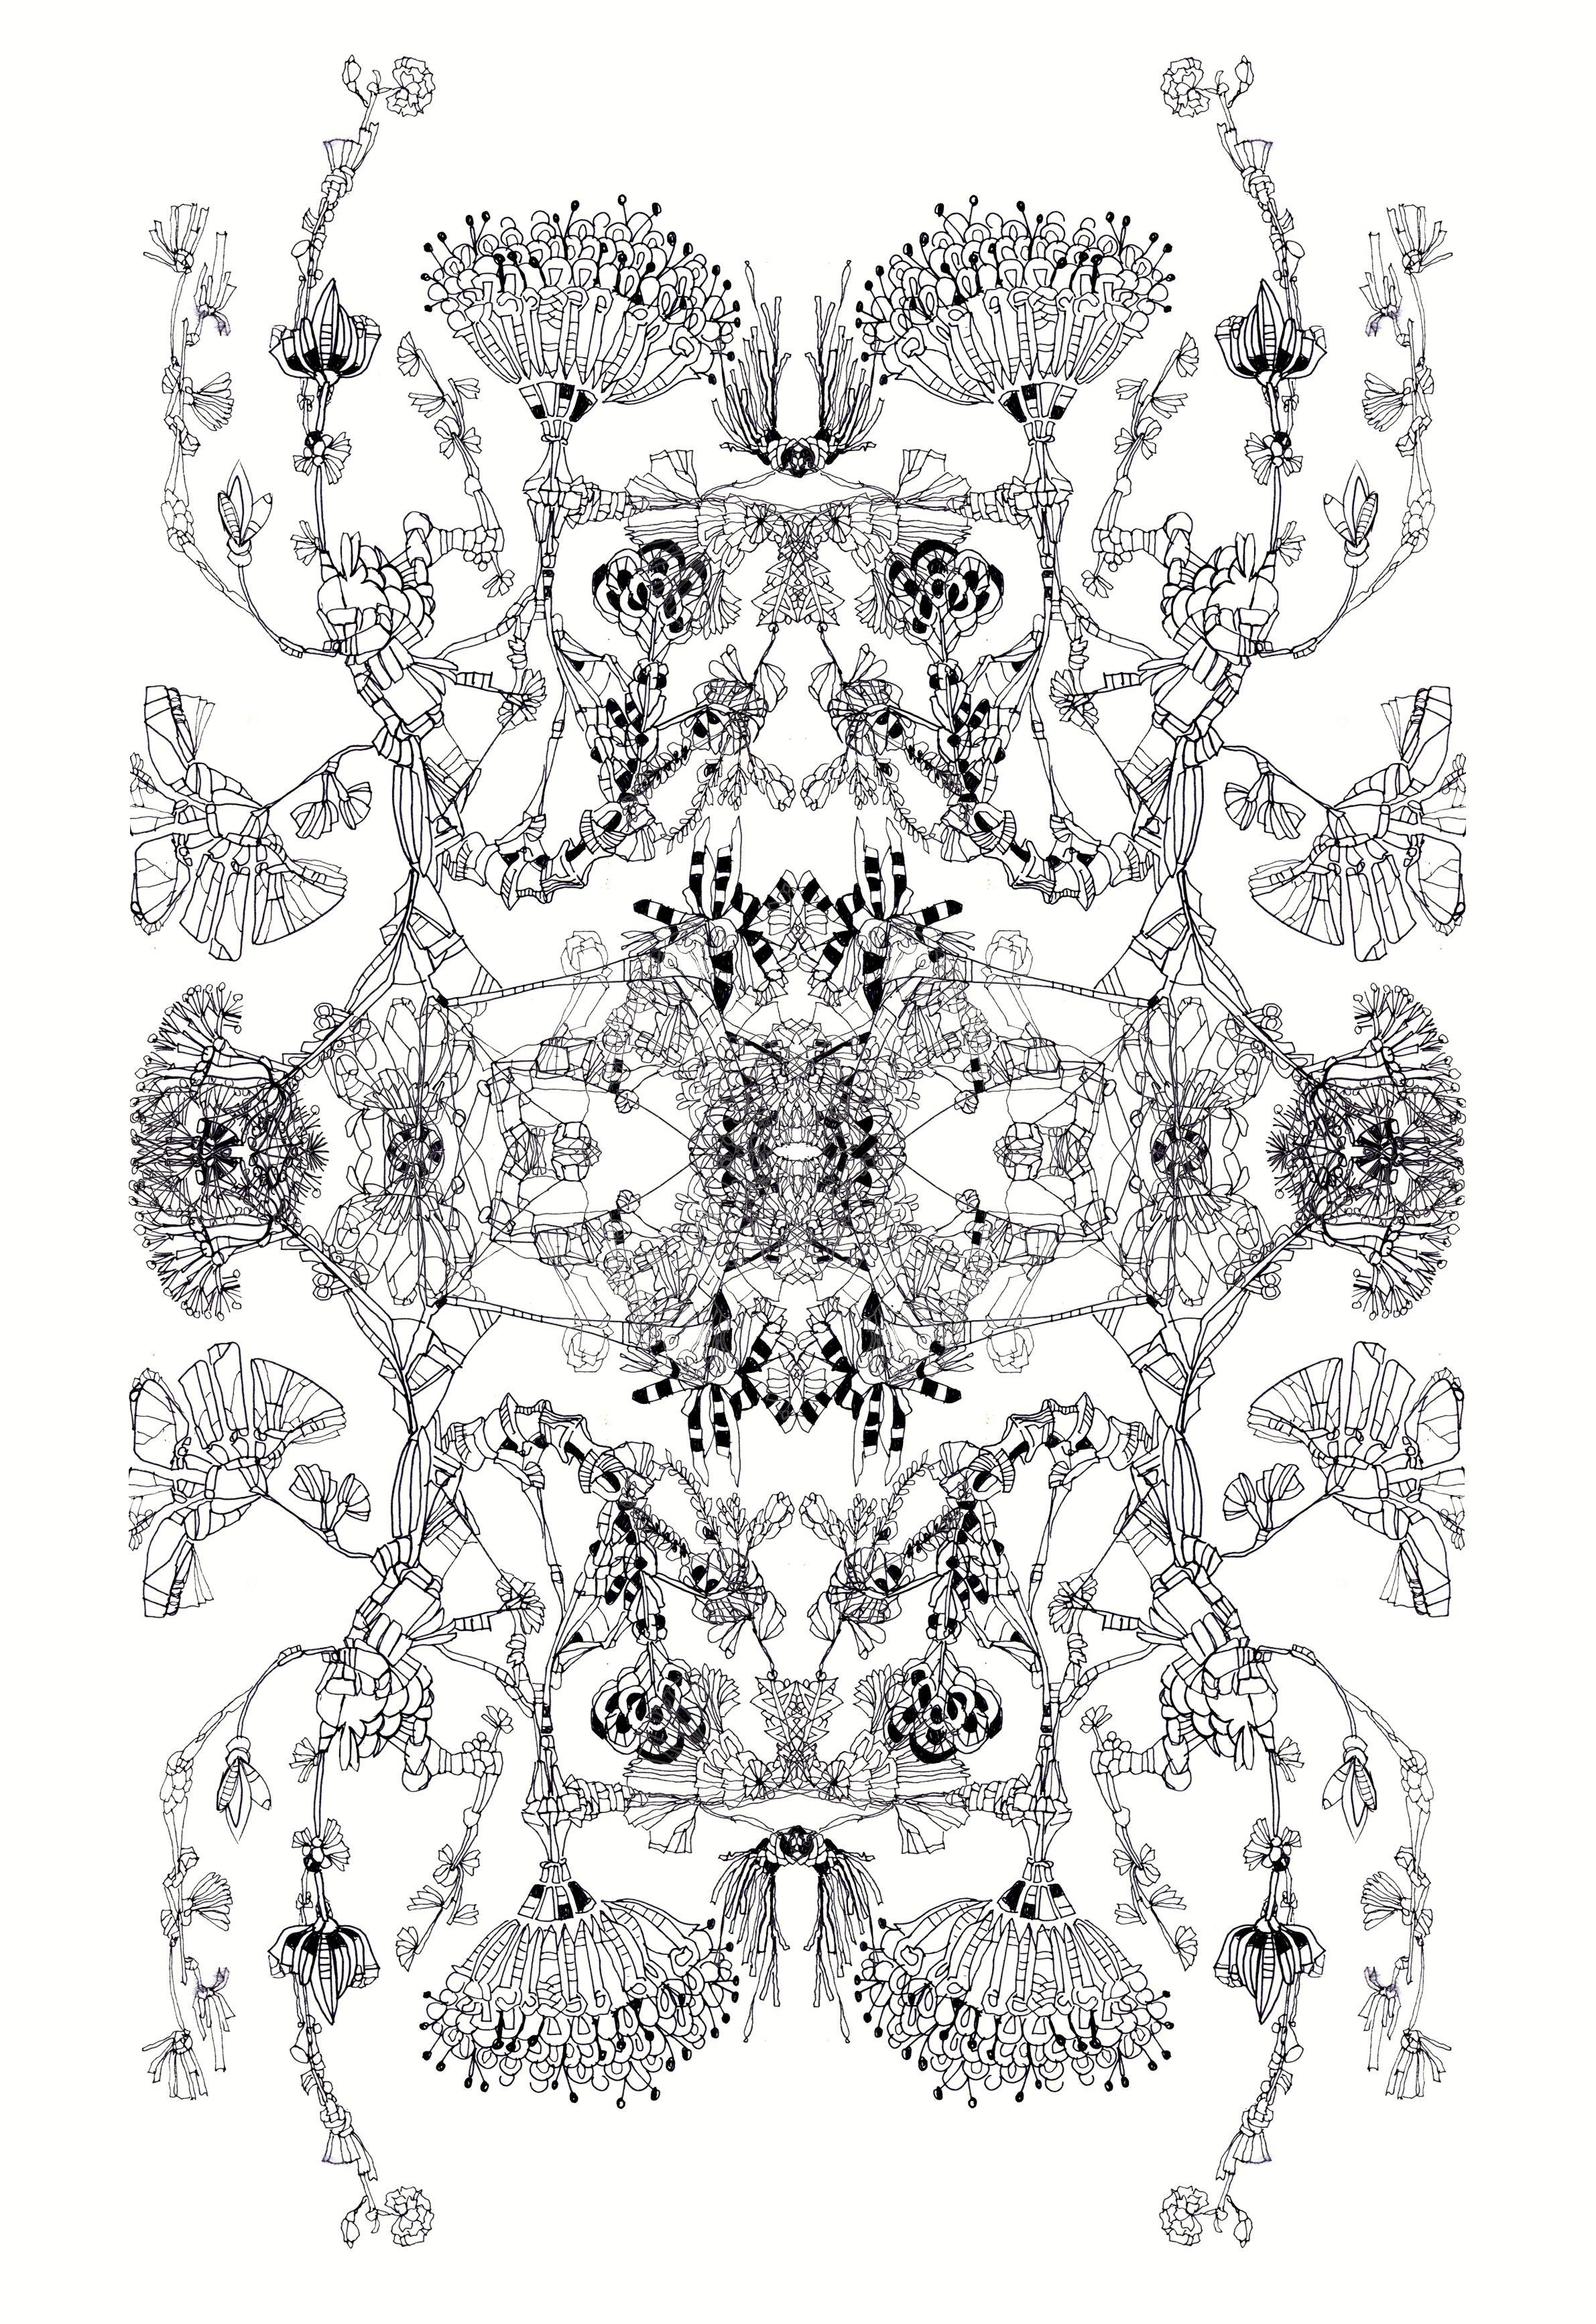 Botanical Specimens Ink Drawing Textile Design Doodle